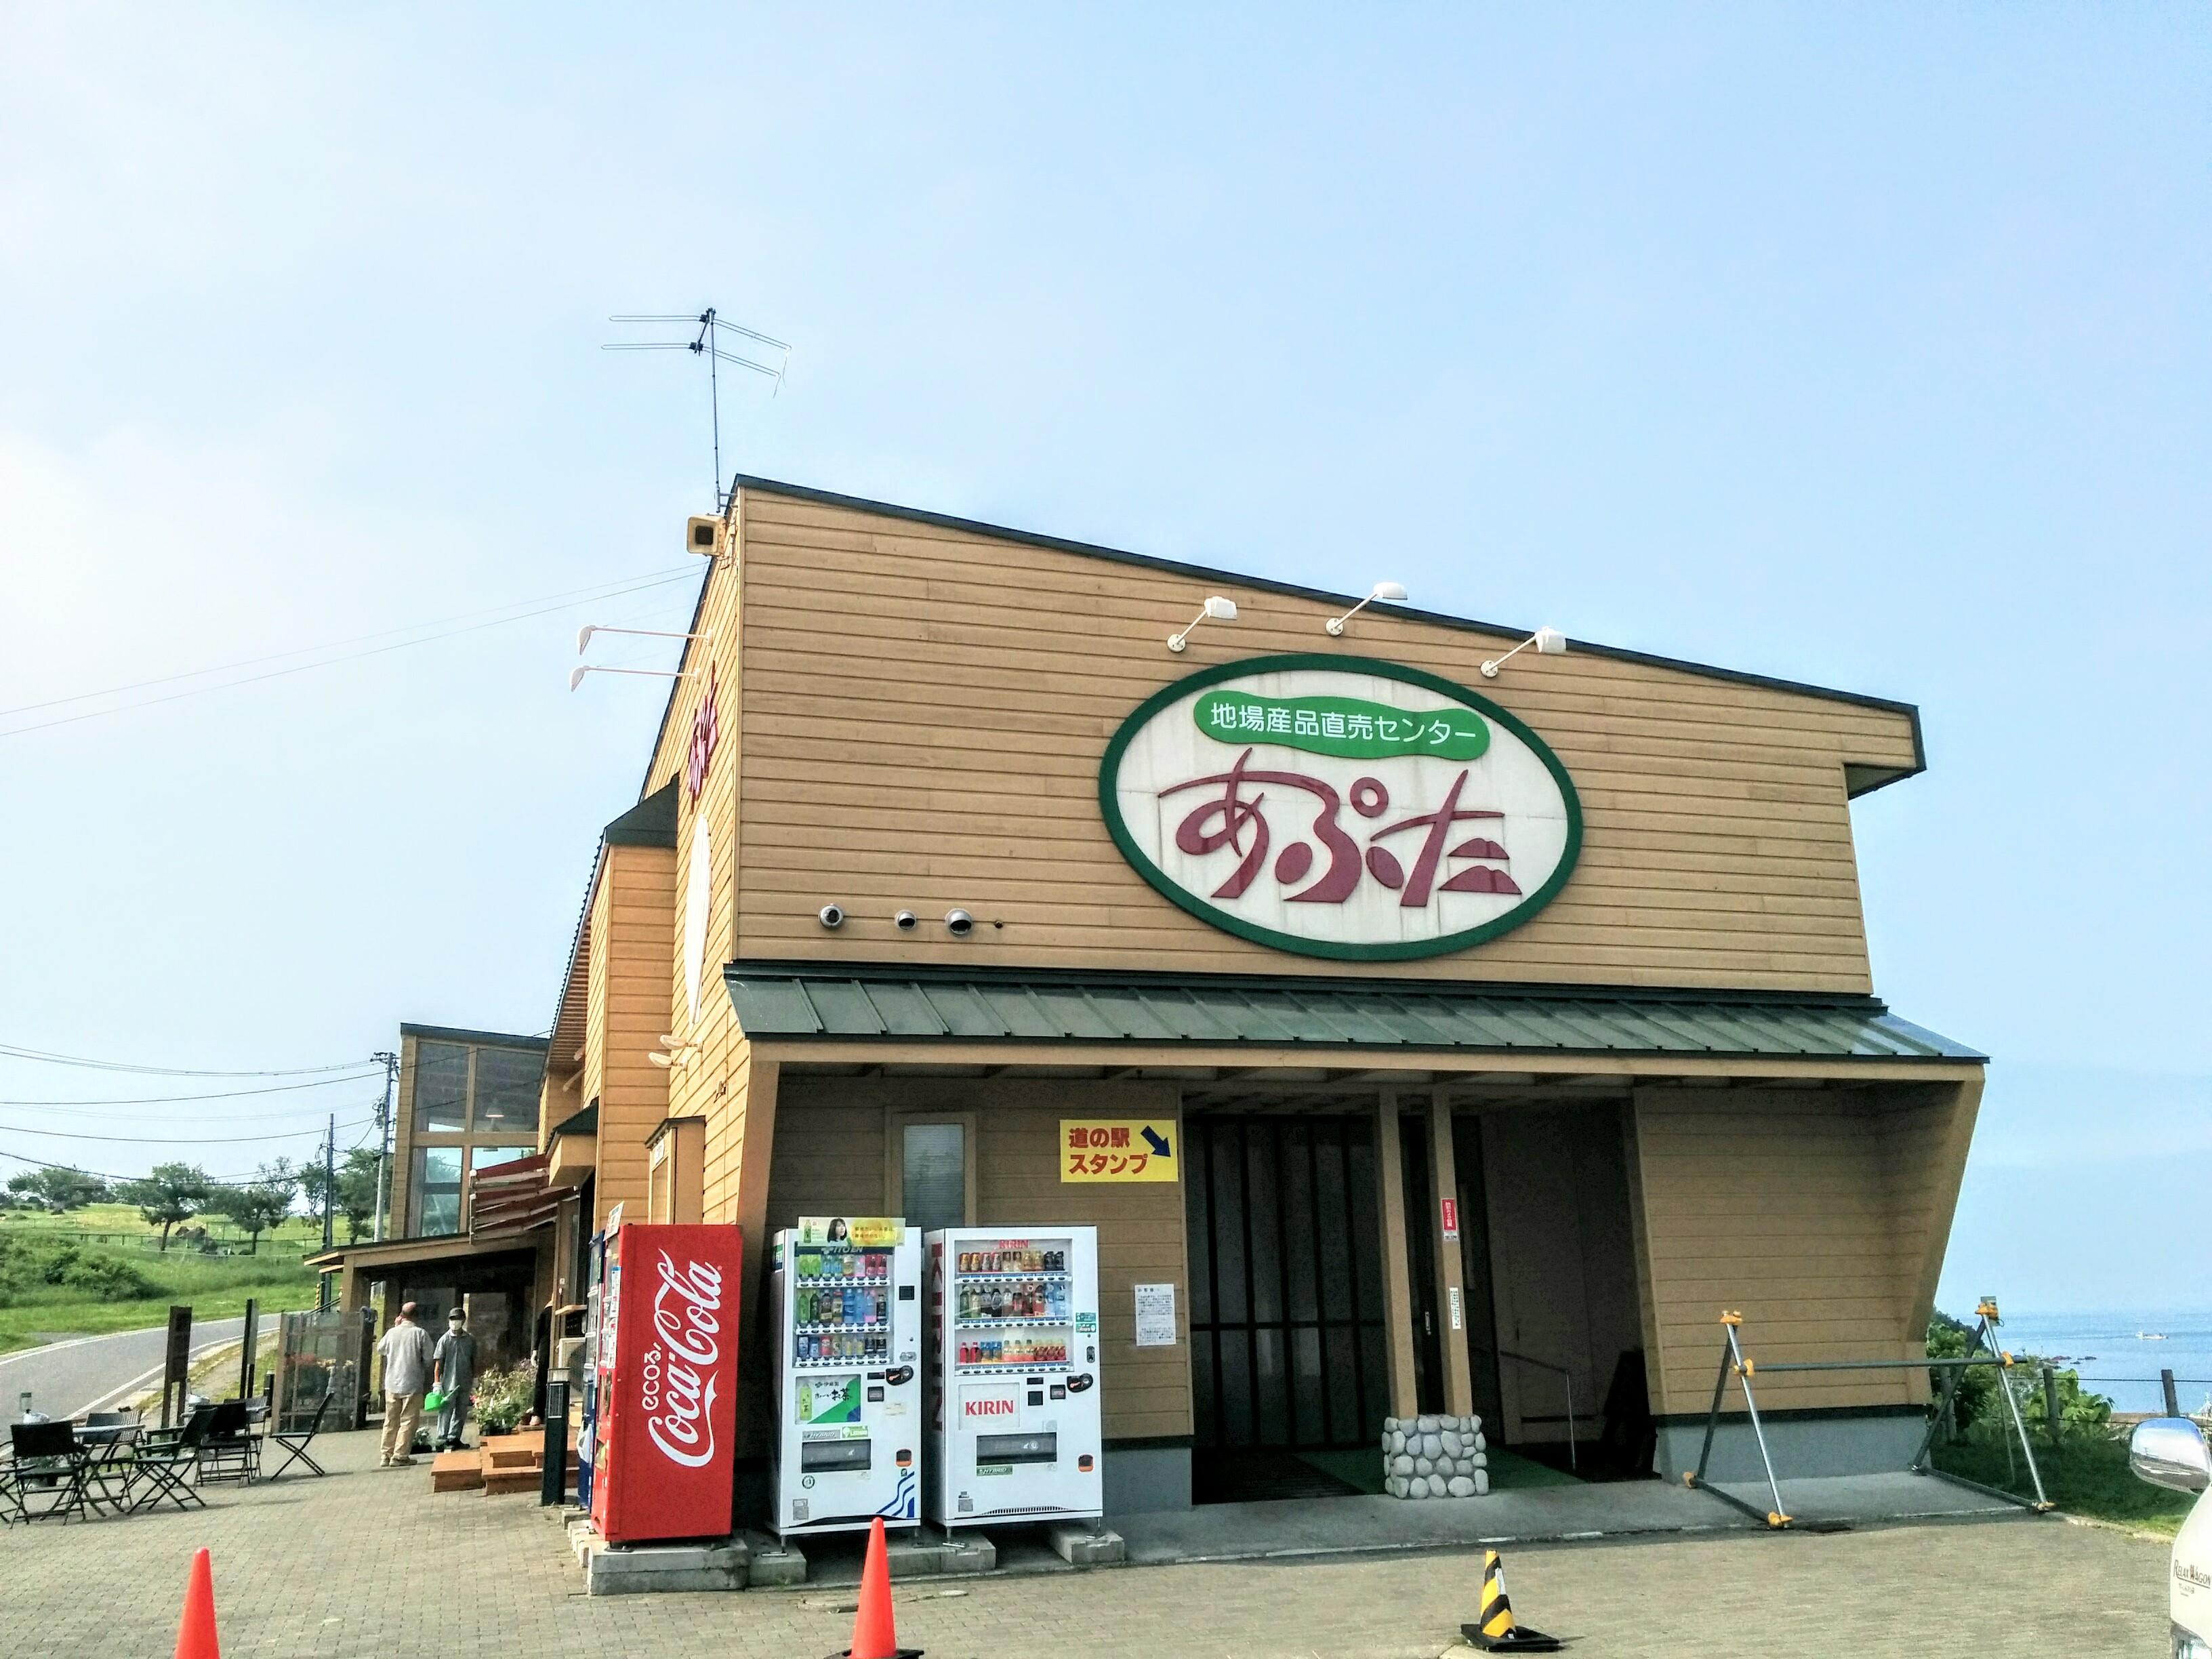 【洞爺湖町】道の駅あぷたへ行って来ました。